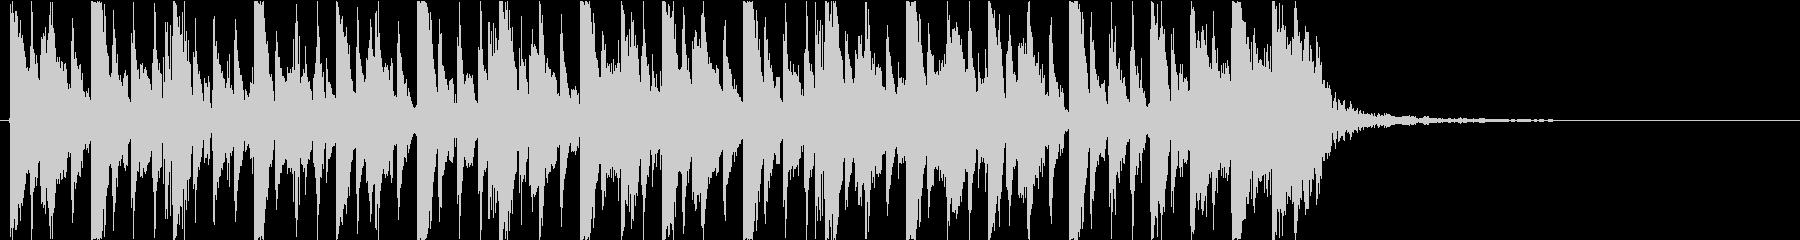 スラップベース 15秒 CM ジングルの未再生の波形